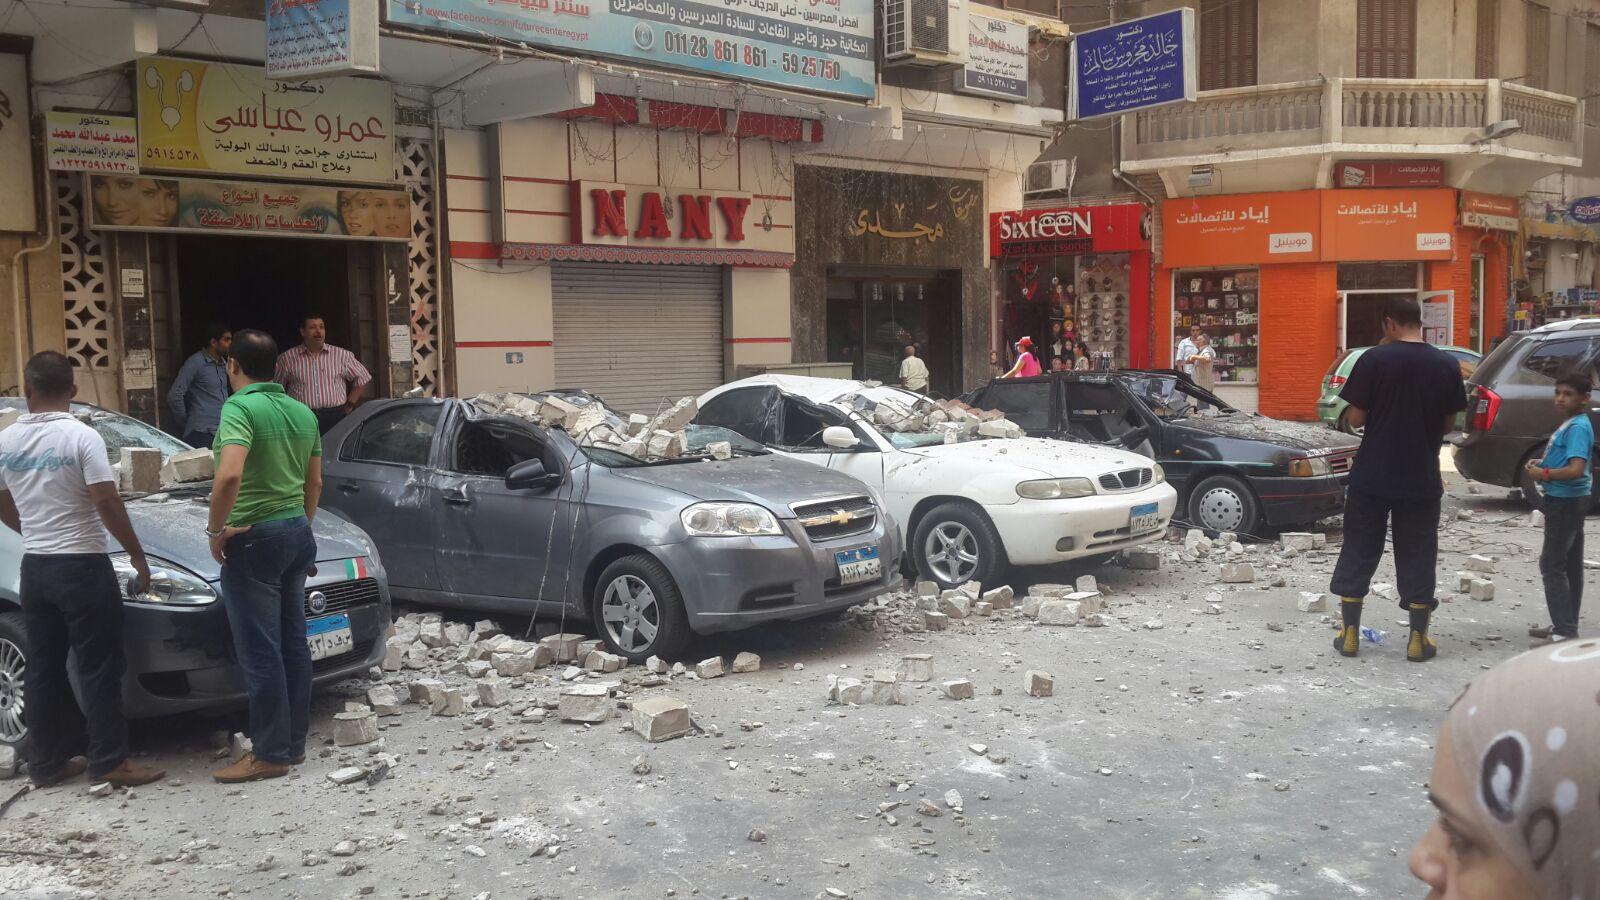 انهيار سور عمارة قرب سينما لاجتيه بالإسكندرية